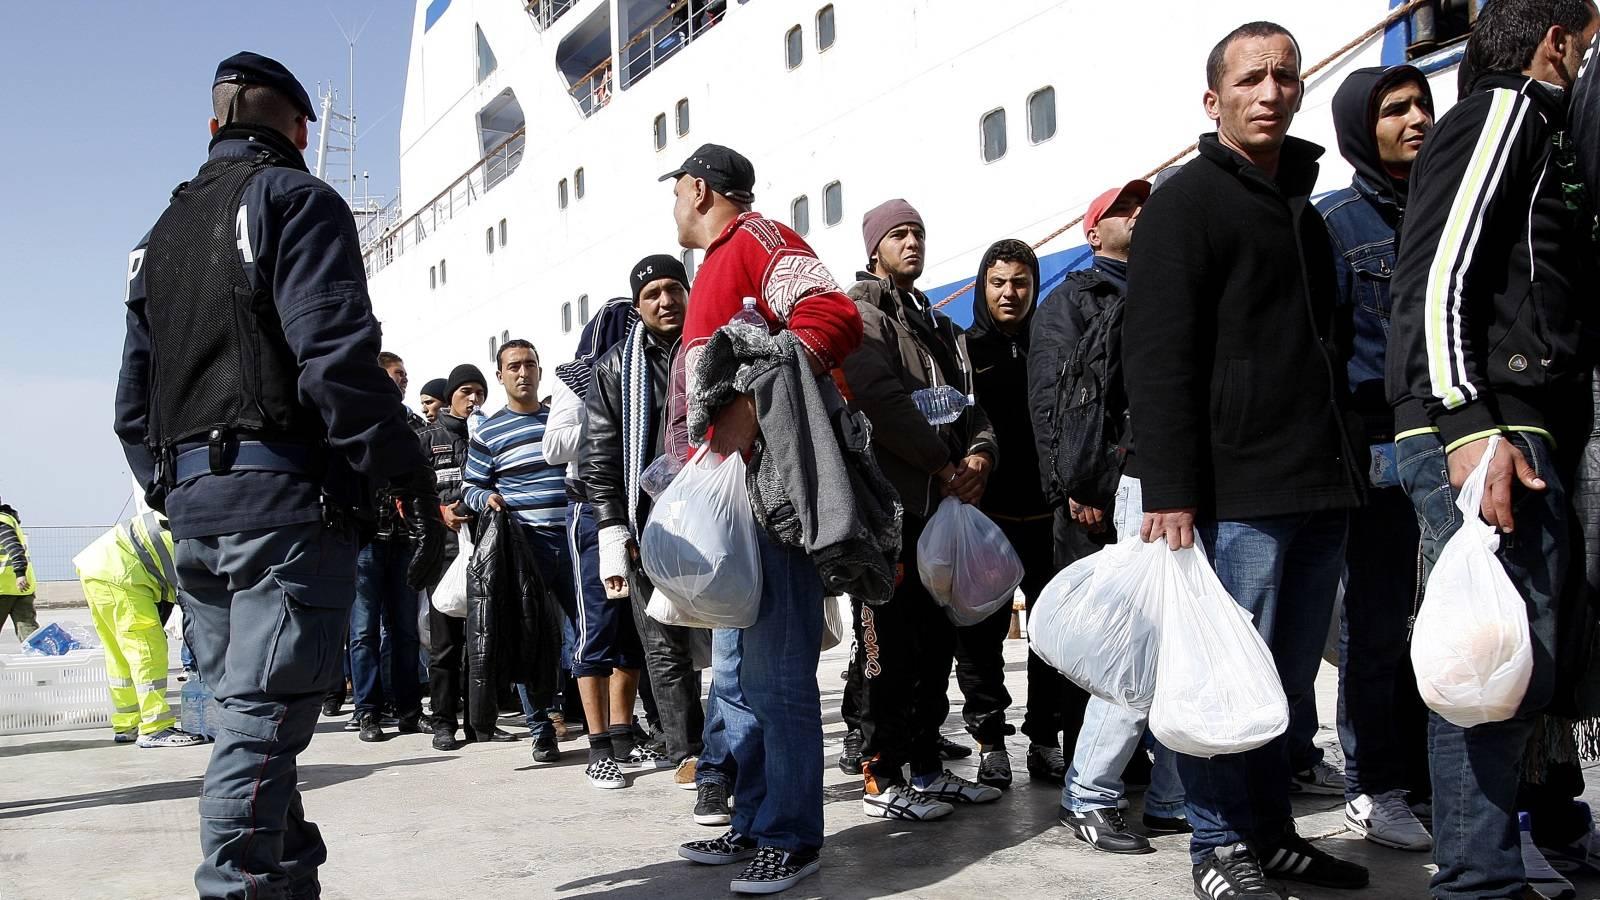 Как стать беженцем в европе - получить статус и политическое убежище для миграции в евросоюз и другие европейские государства